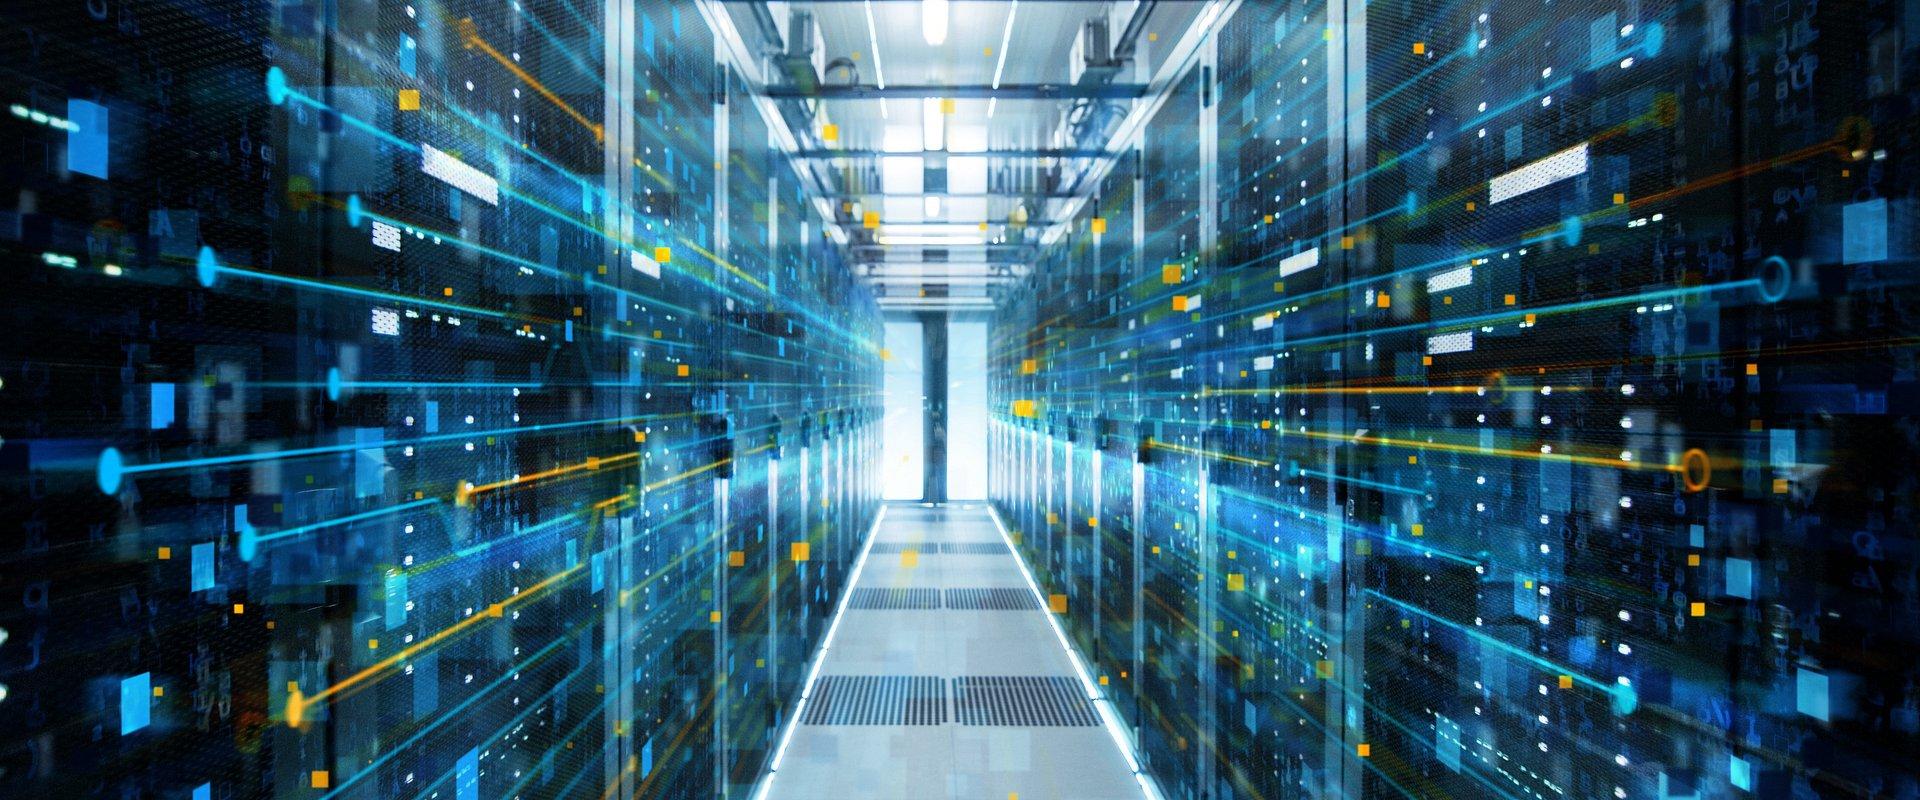 Komputronik Biznes z rozwiązaniami hiperkonwergentnymi. Demo VxRail dostępne dla klientów